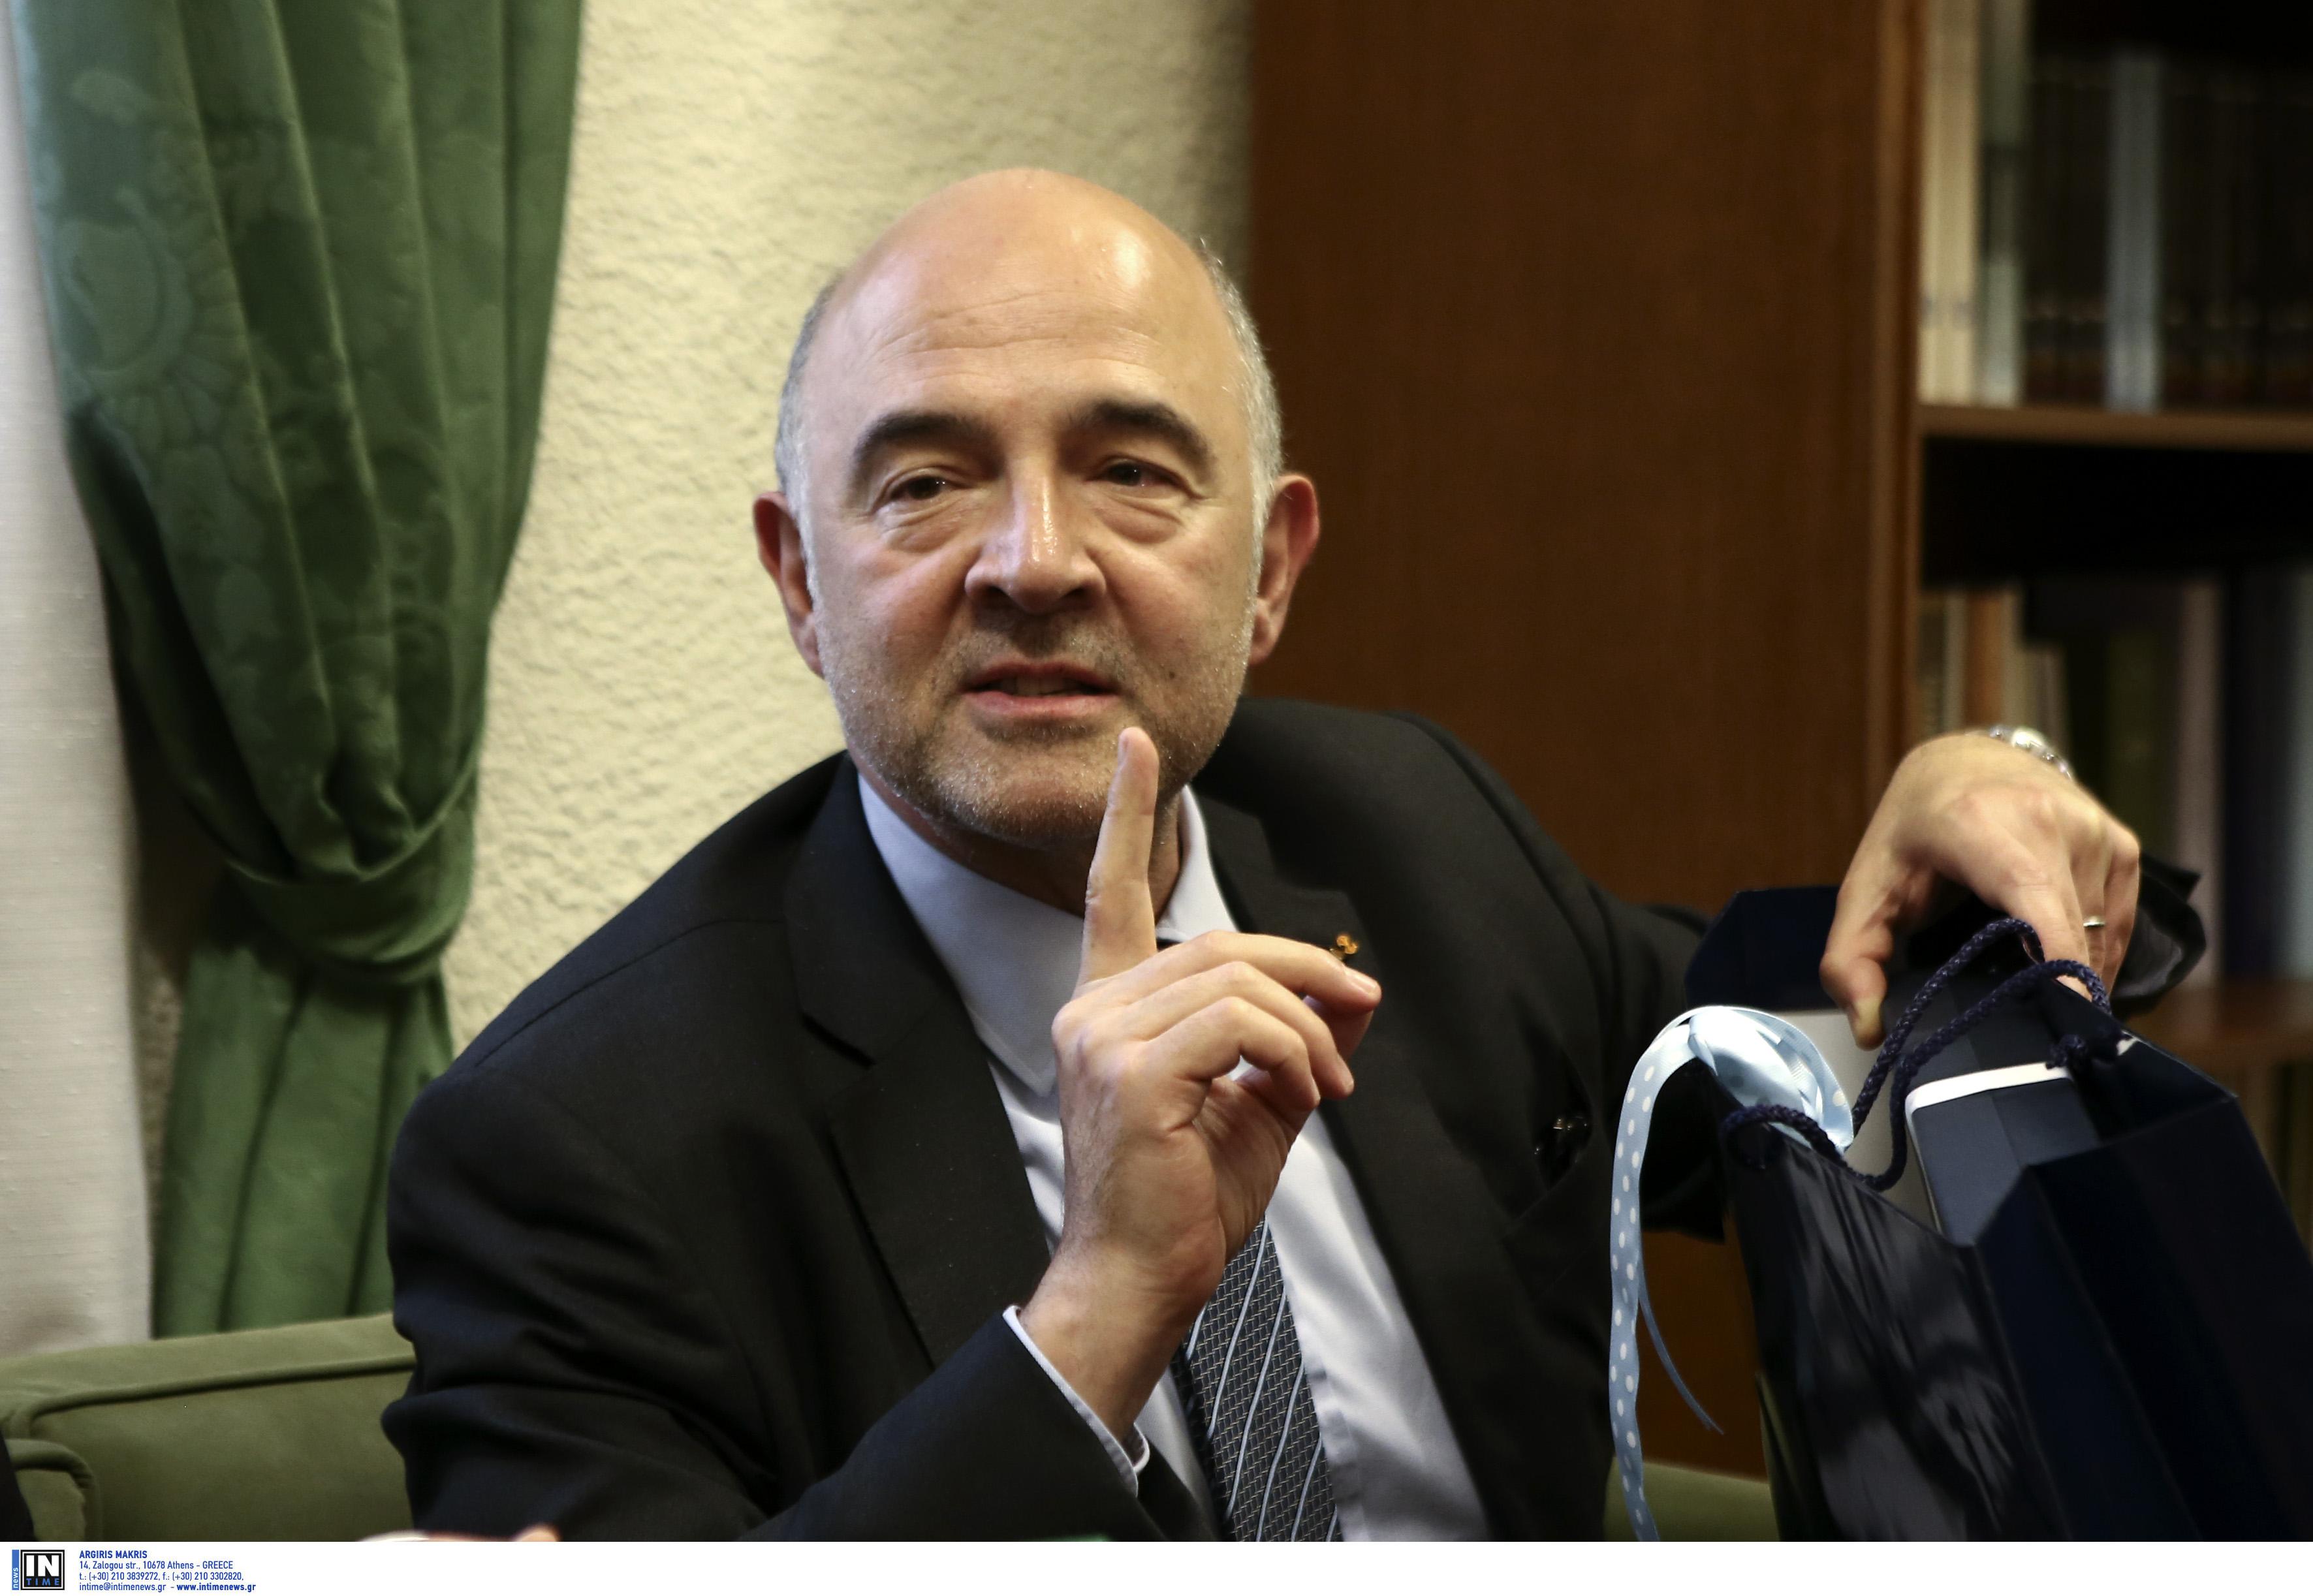 Αλλαγές στο σύμφωνο σταθερότητας ζητά στη λήξη της θητείας του ο Μοσκοβισί